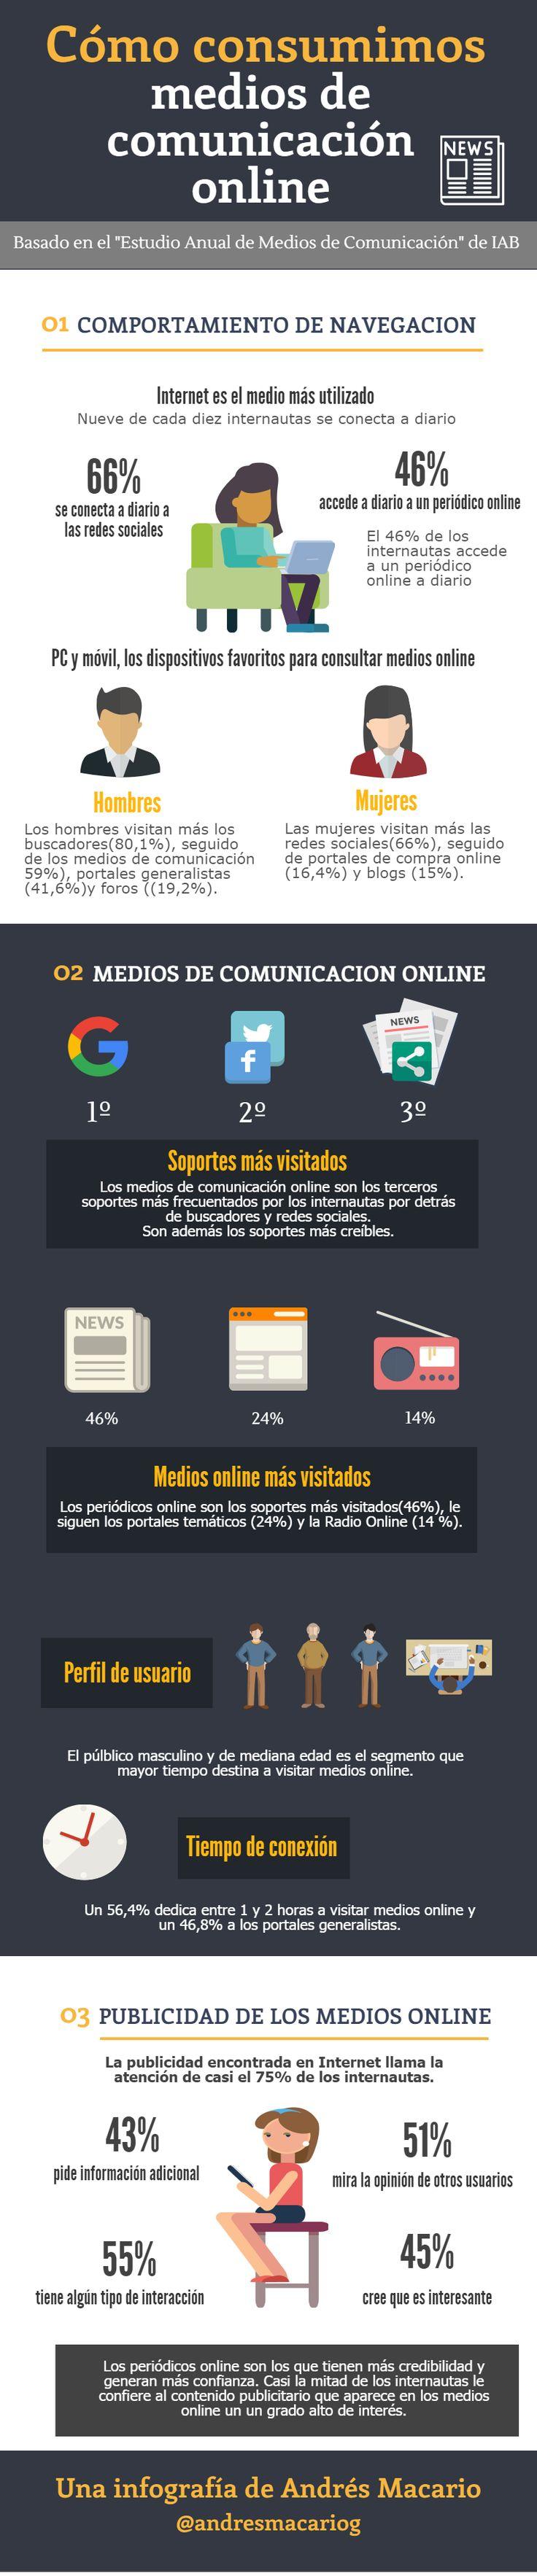 Como consumimos medios de comunicacion online #infografia